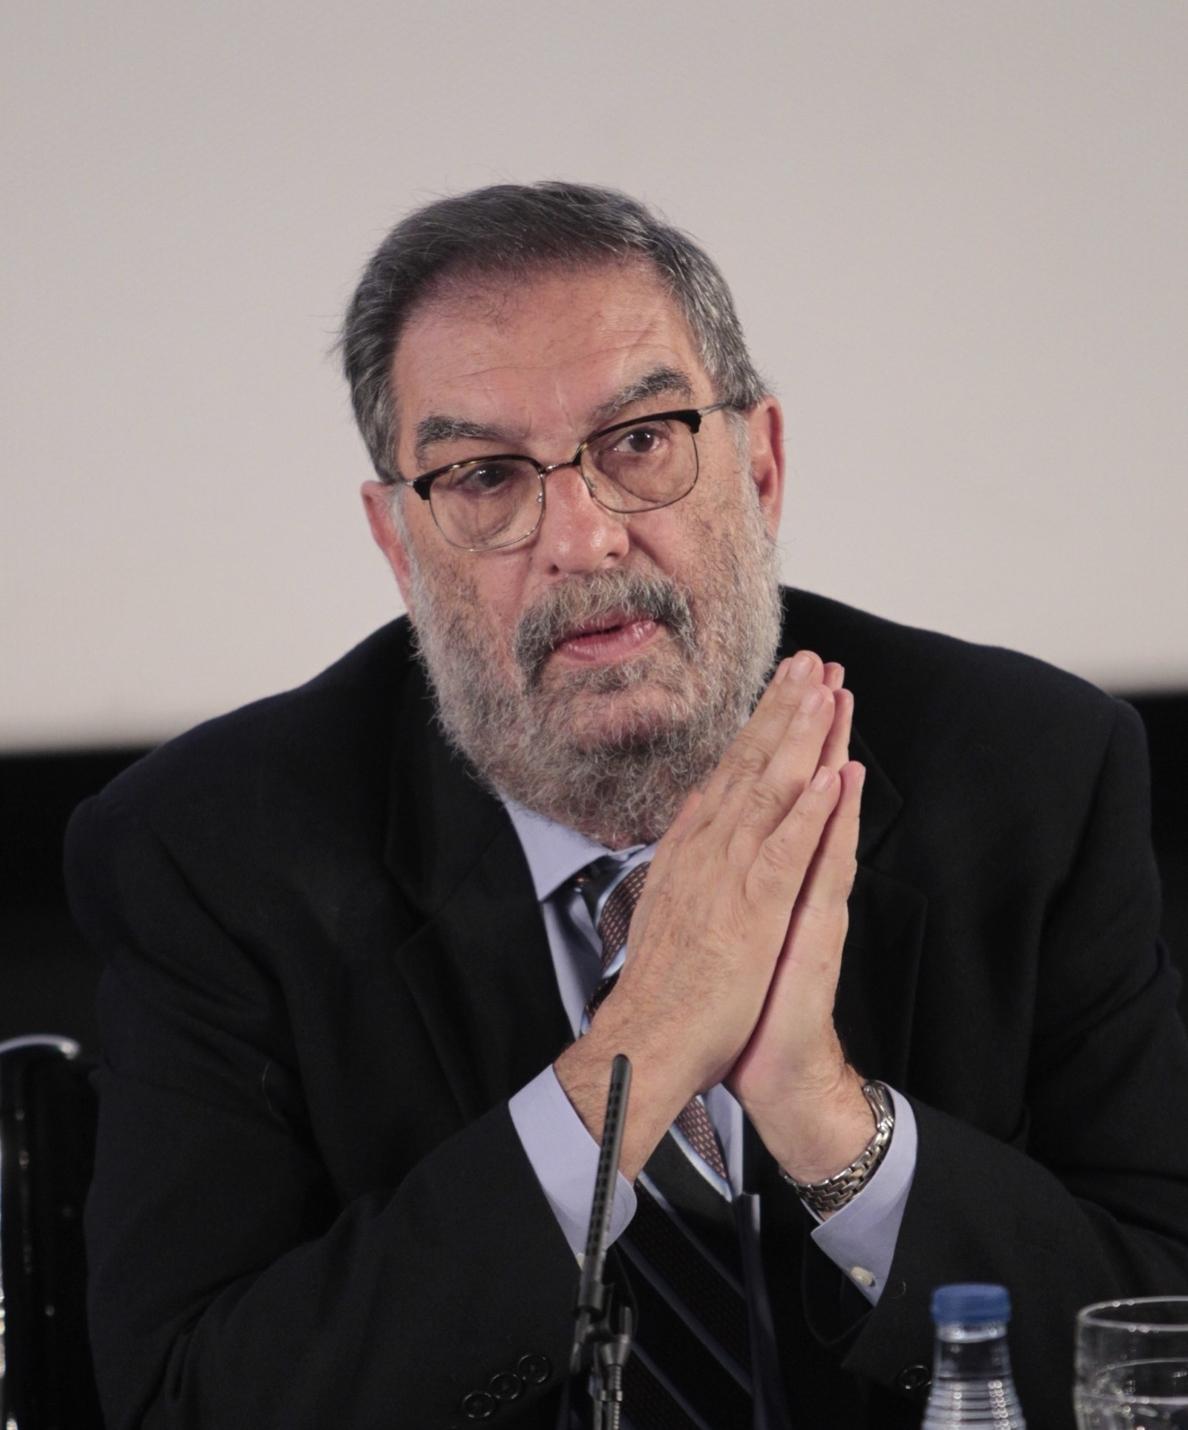 González Macho se va por motivos profesionales y admite «cierto desgaste»